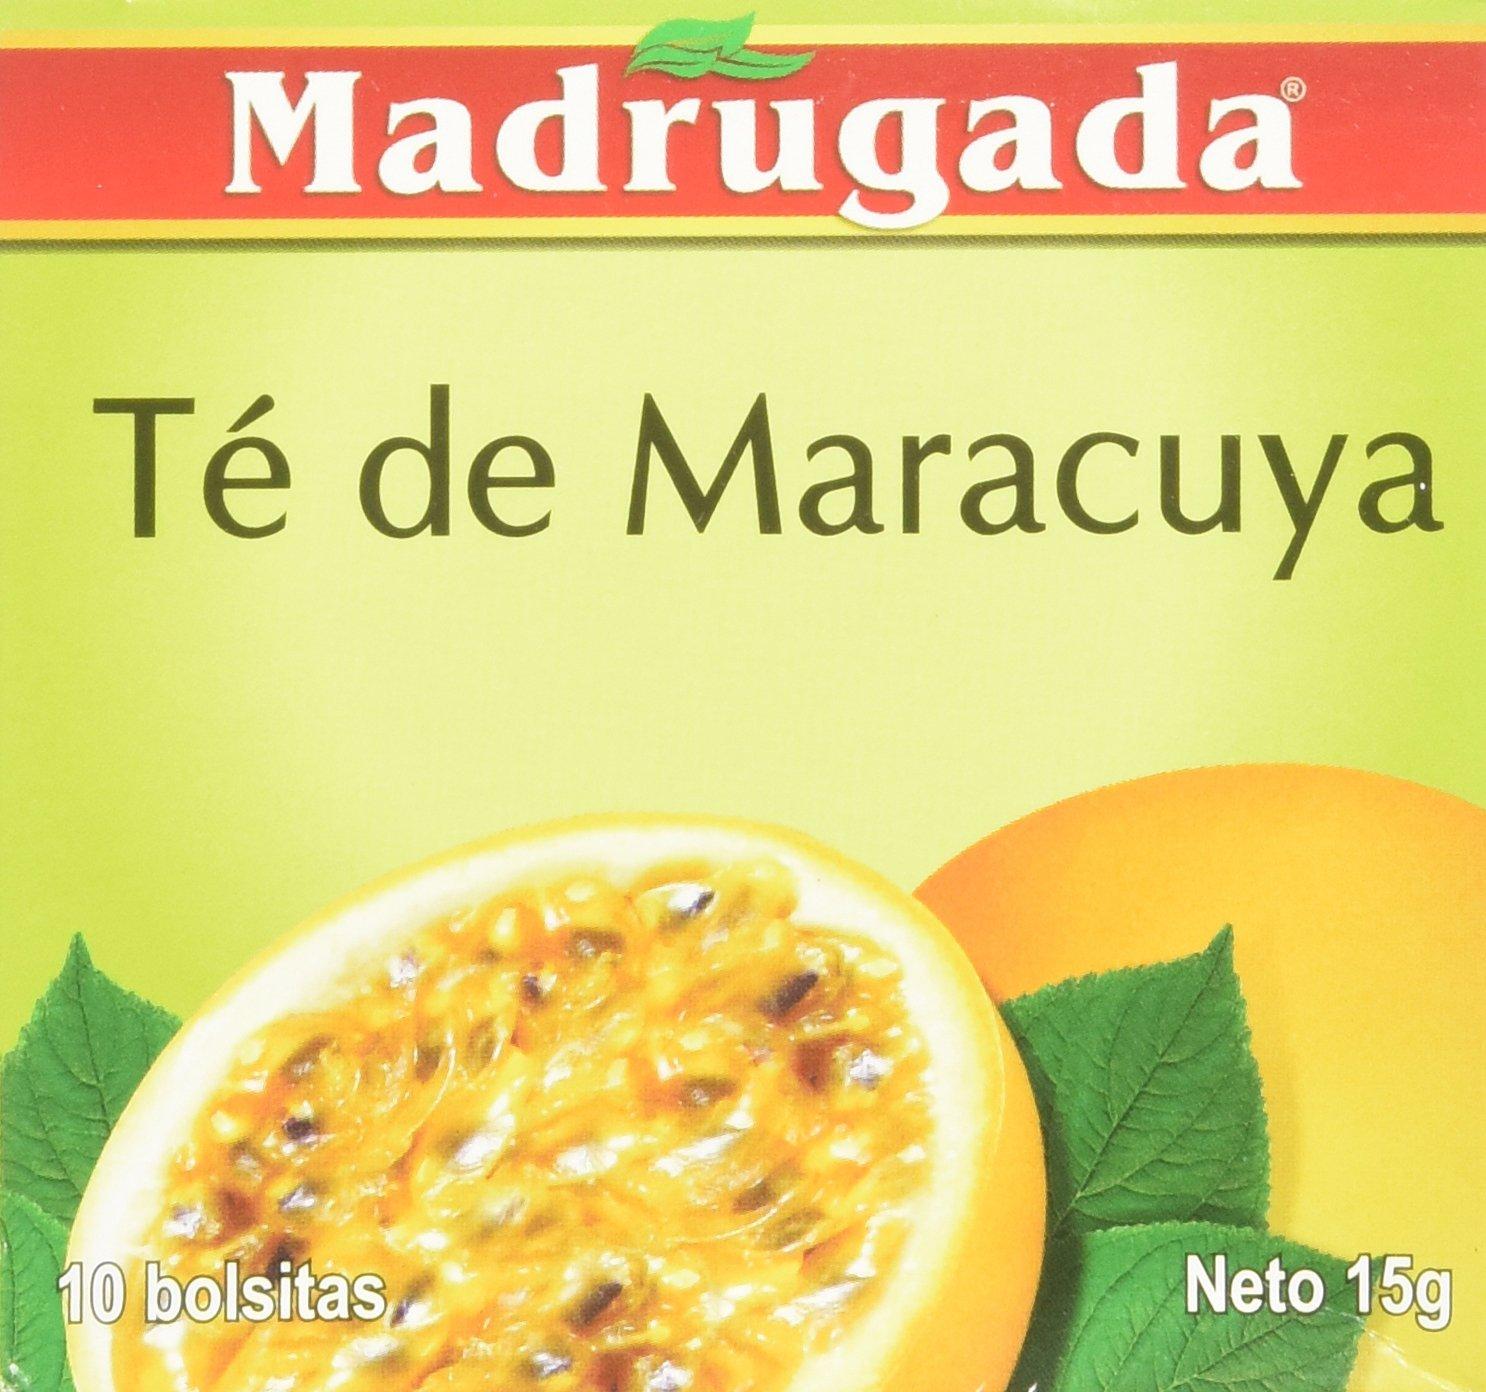 Passion Fruit Tea 10 tea bags - Chá de Maracujá 10 sachês - Madrugada - 0.5oz (15g) GLUTEN FREE - (PACK OF 04) by Madrugada (Image #6)